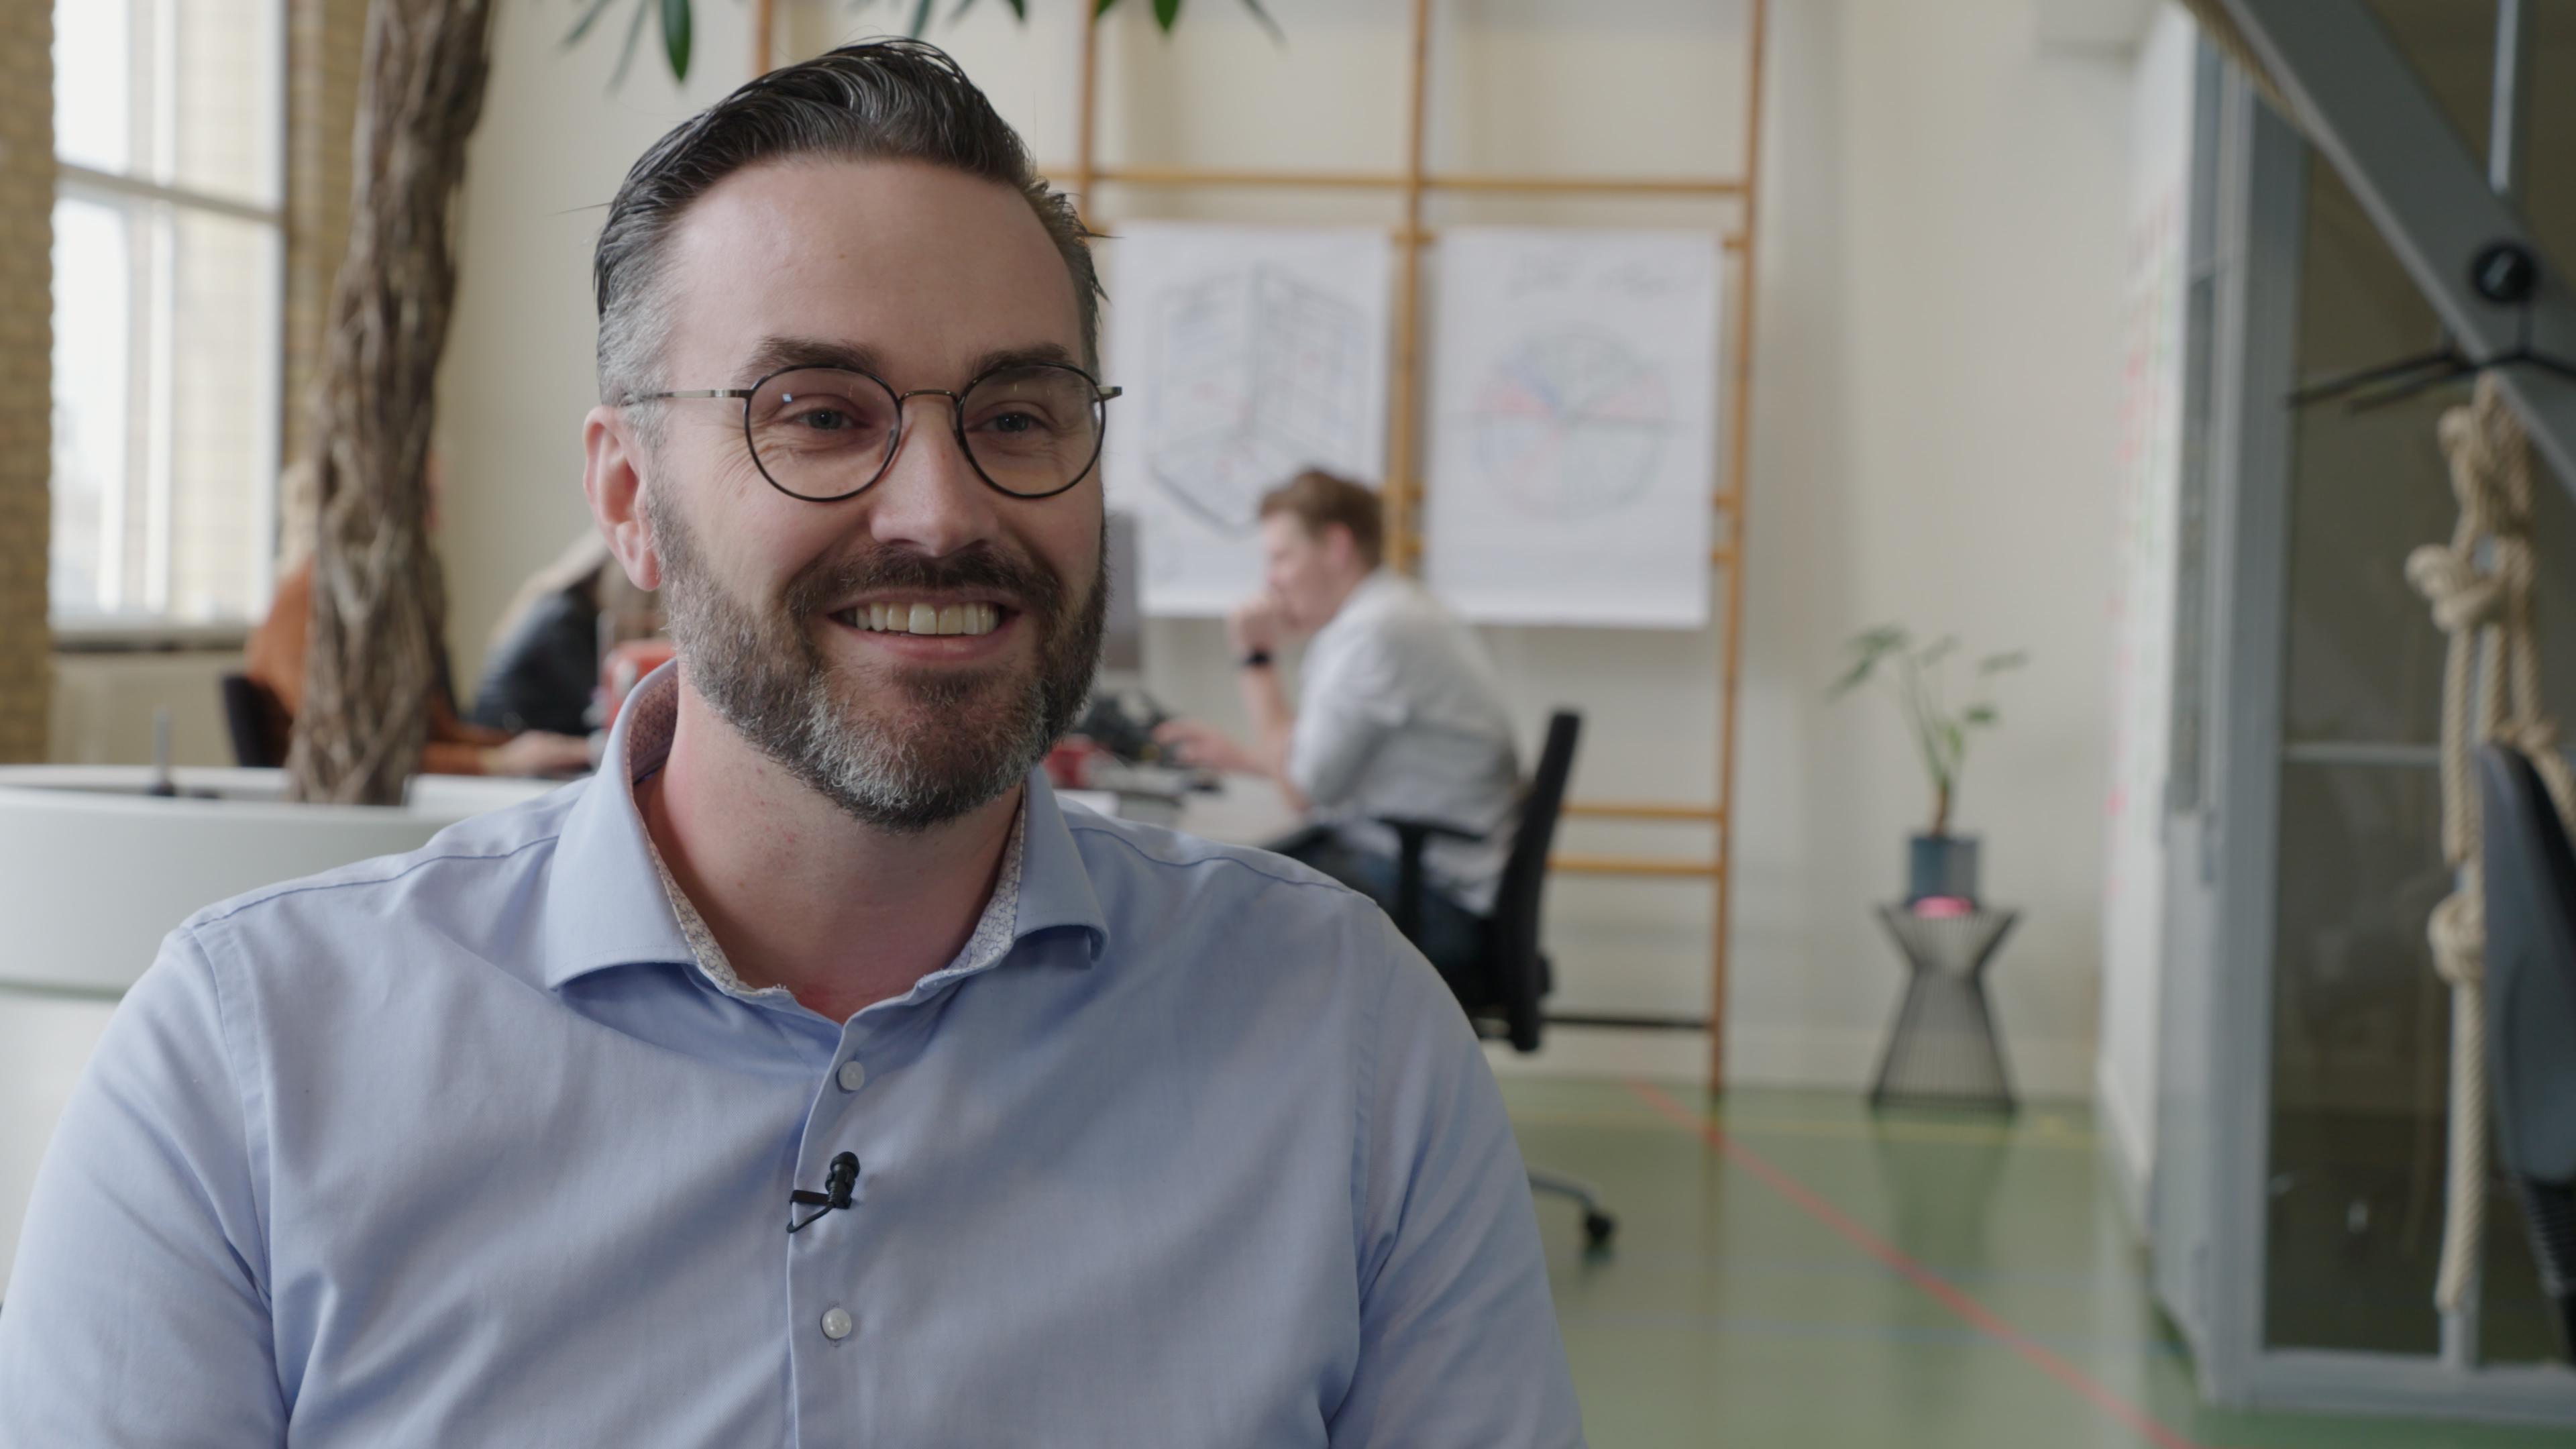 Robert van der Heeft interview TenderApp